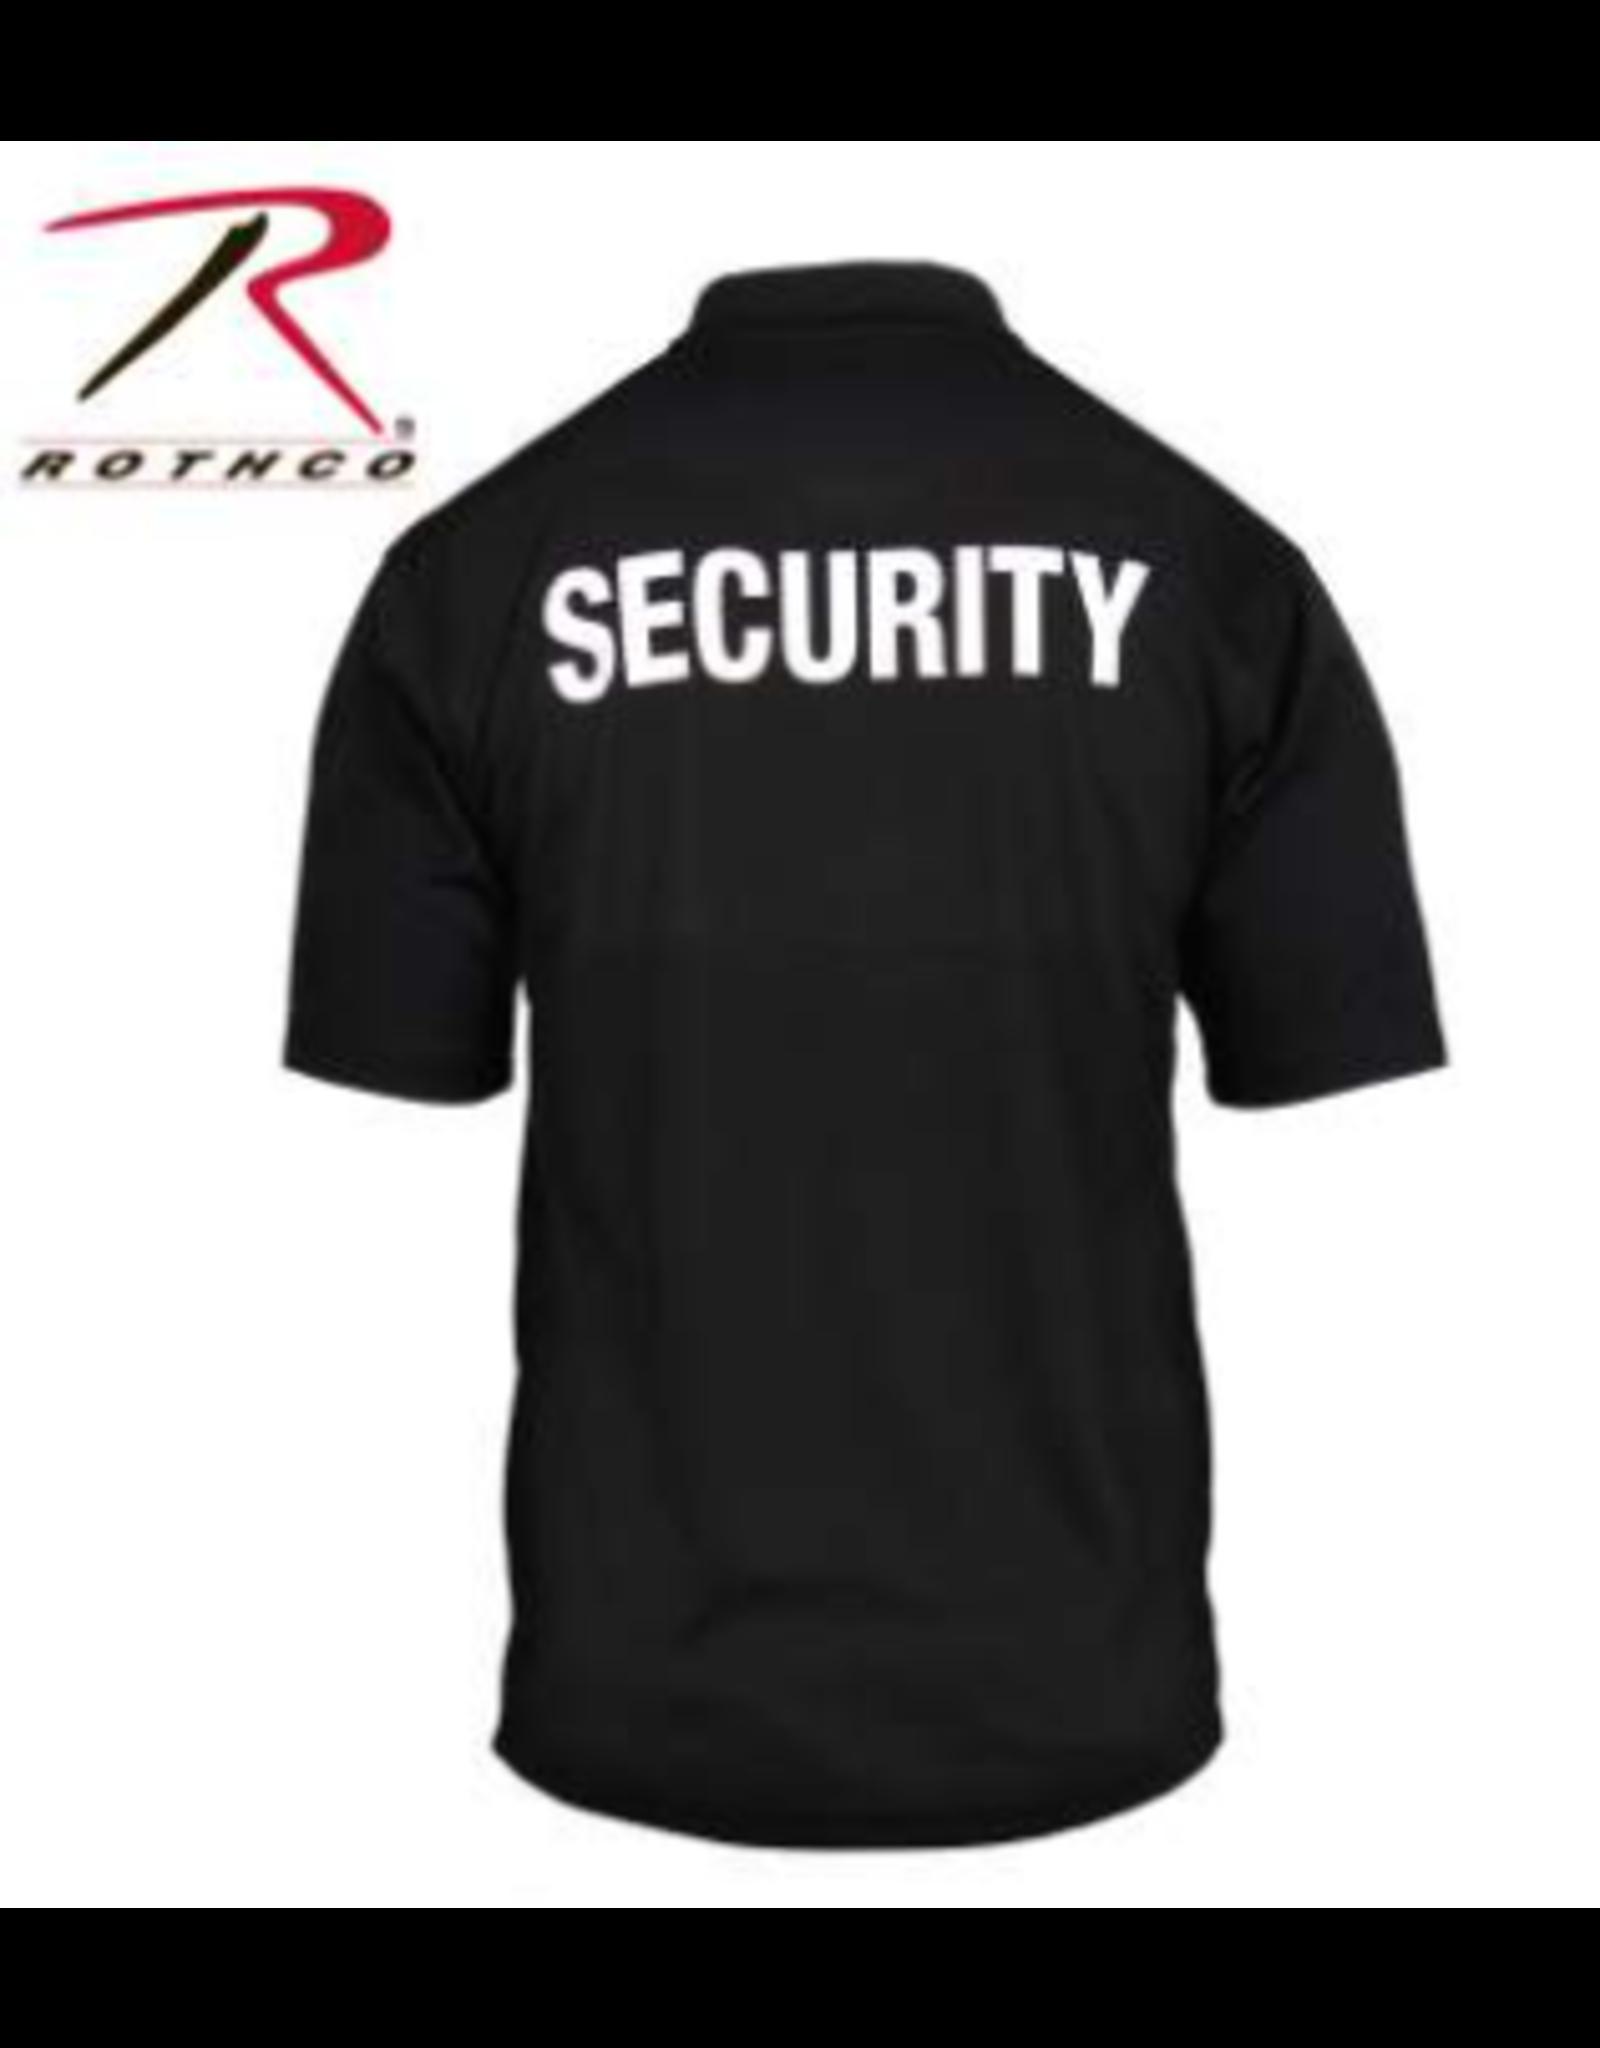 Rothco Rothco Regular Security Polo 2X